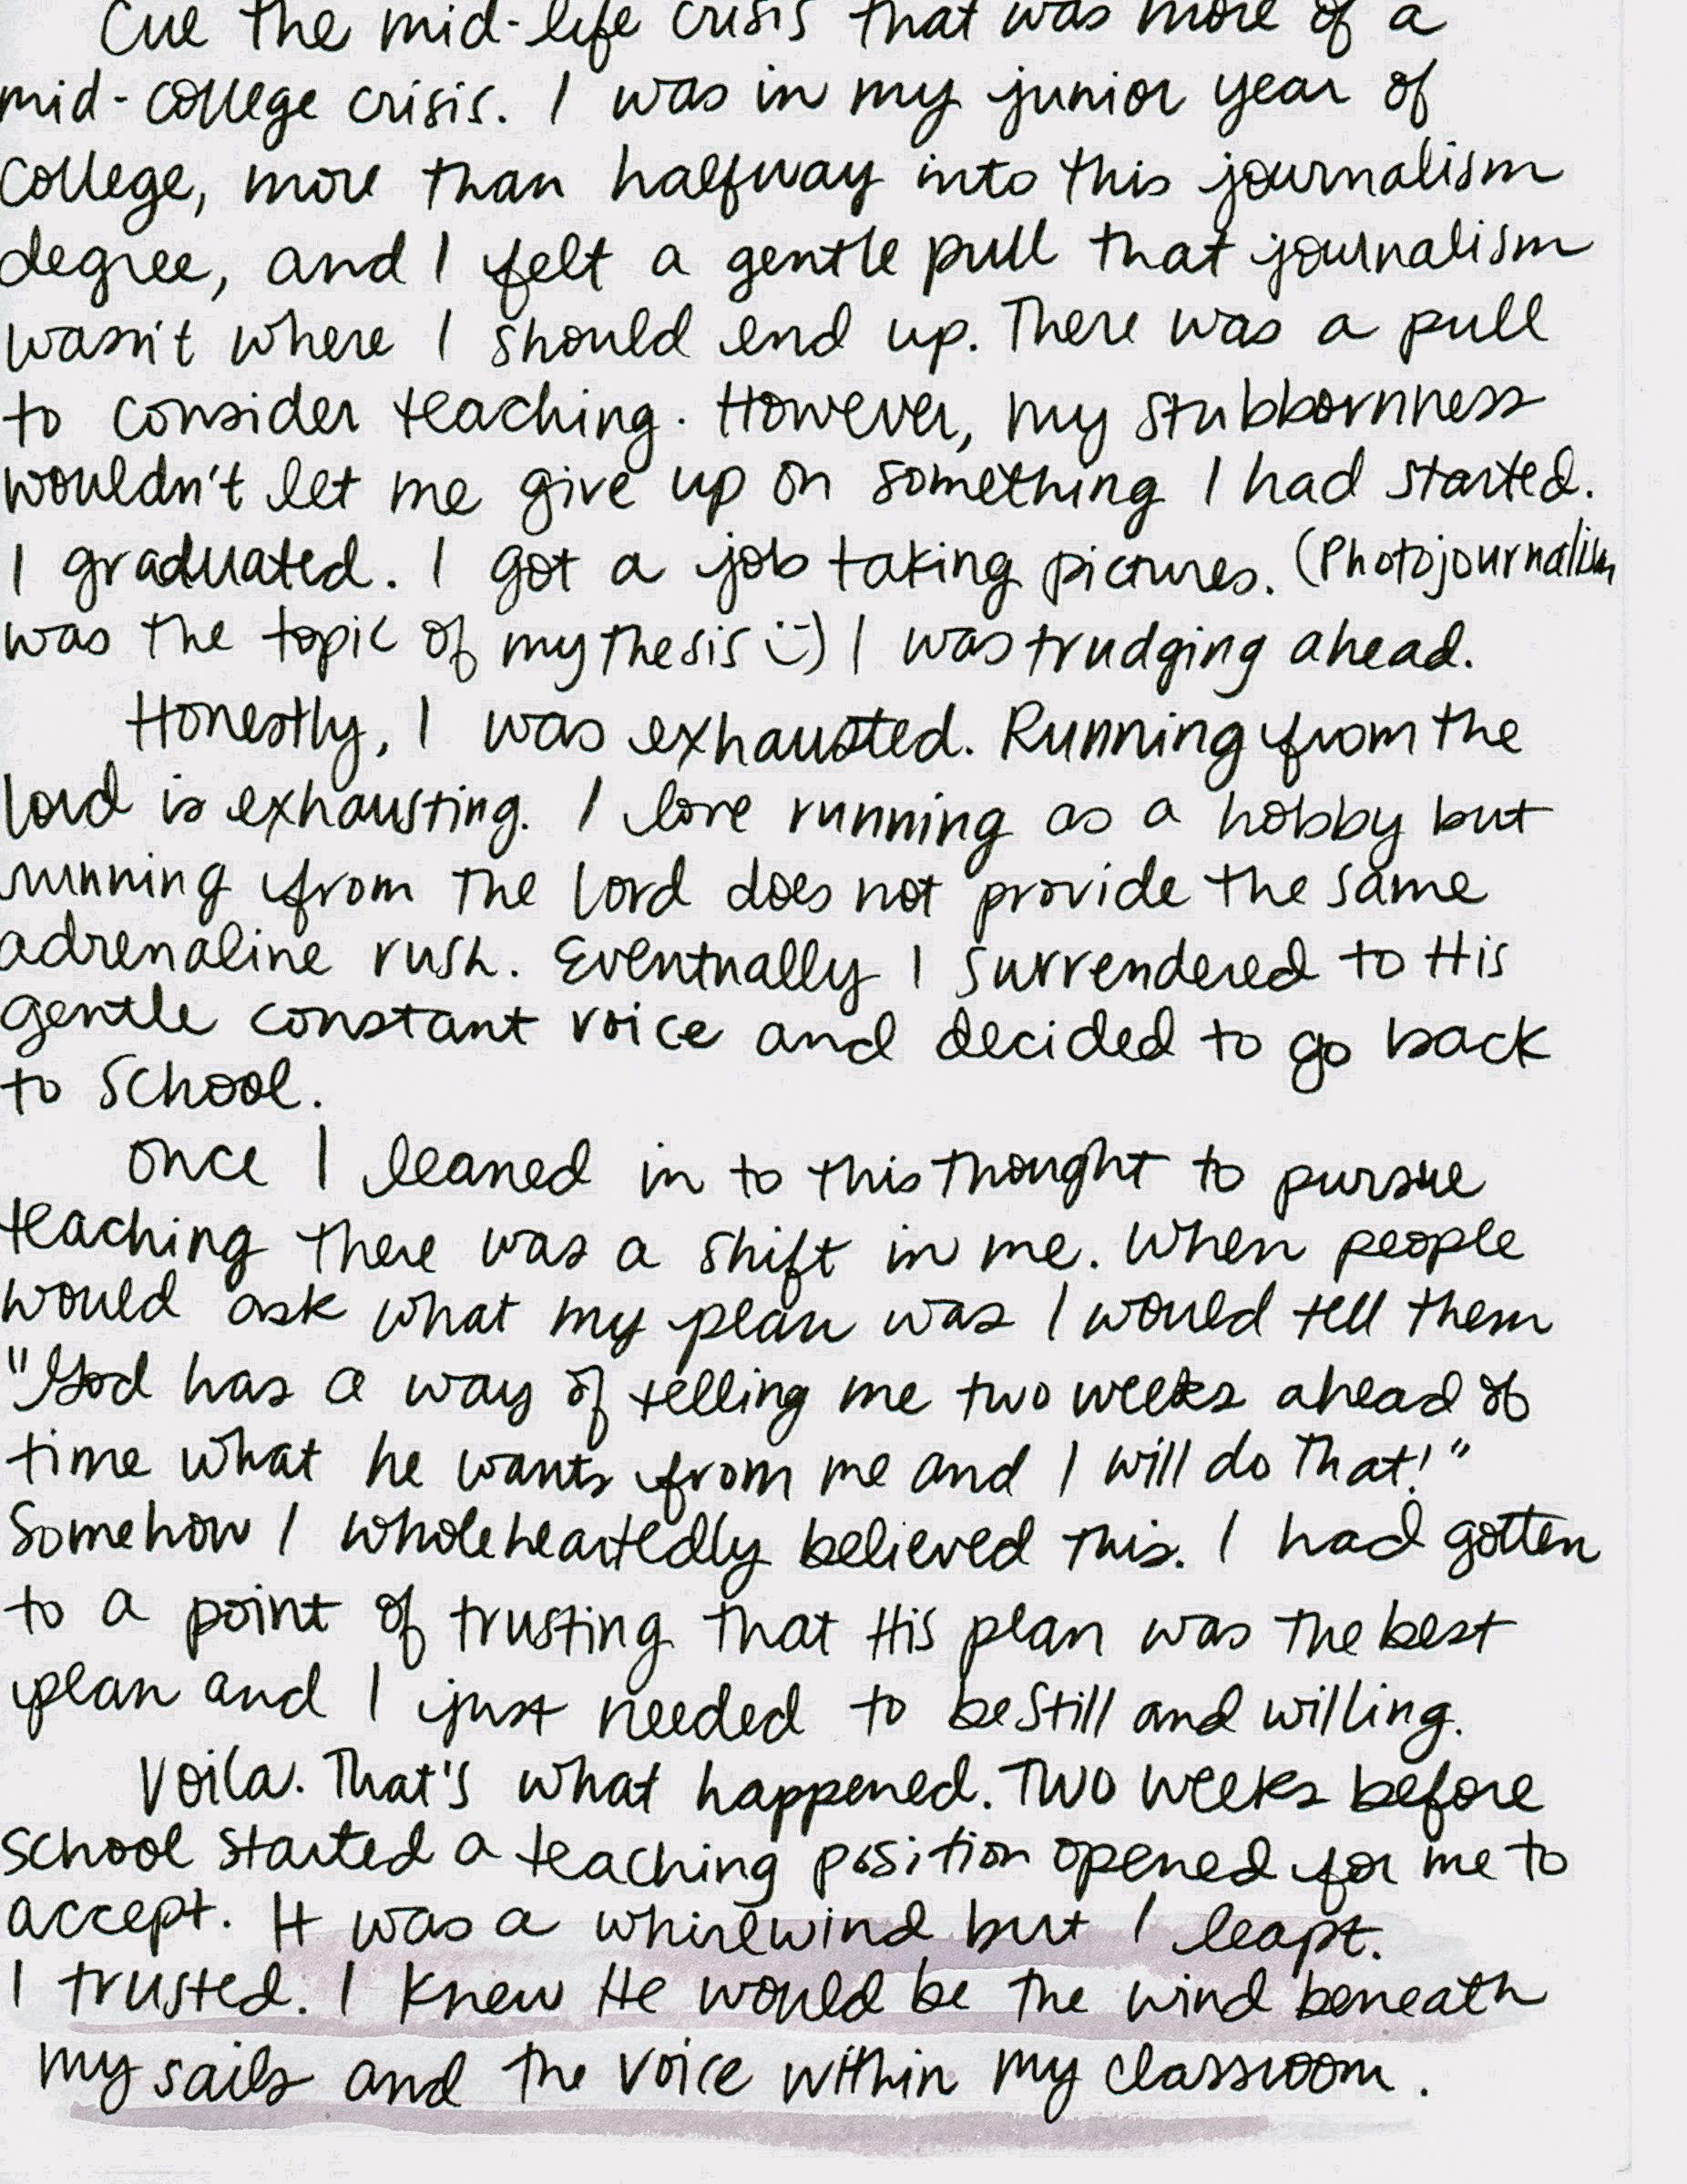 letters-to-women-21.jpg